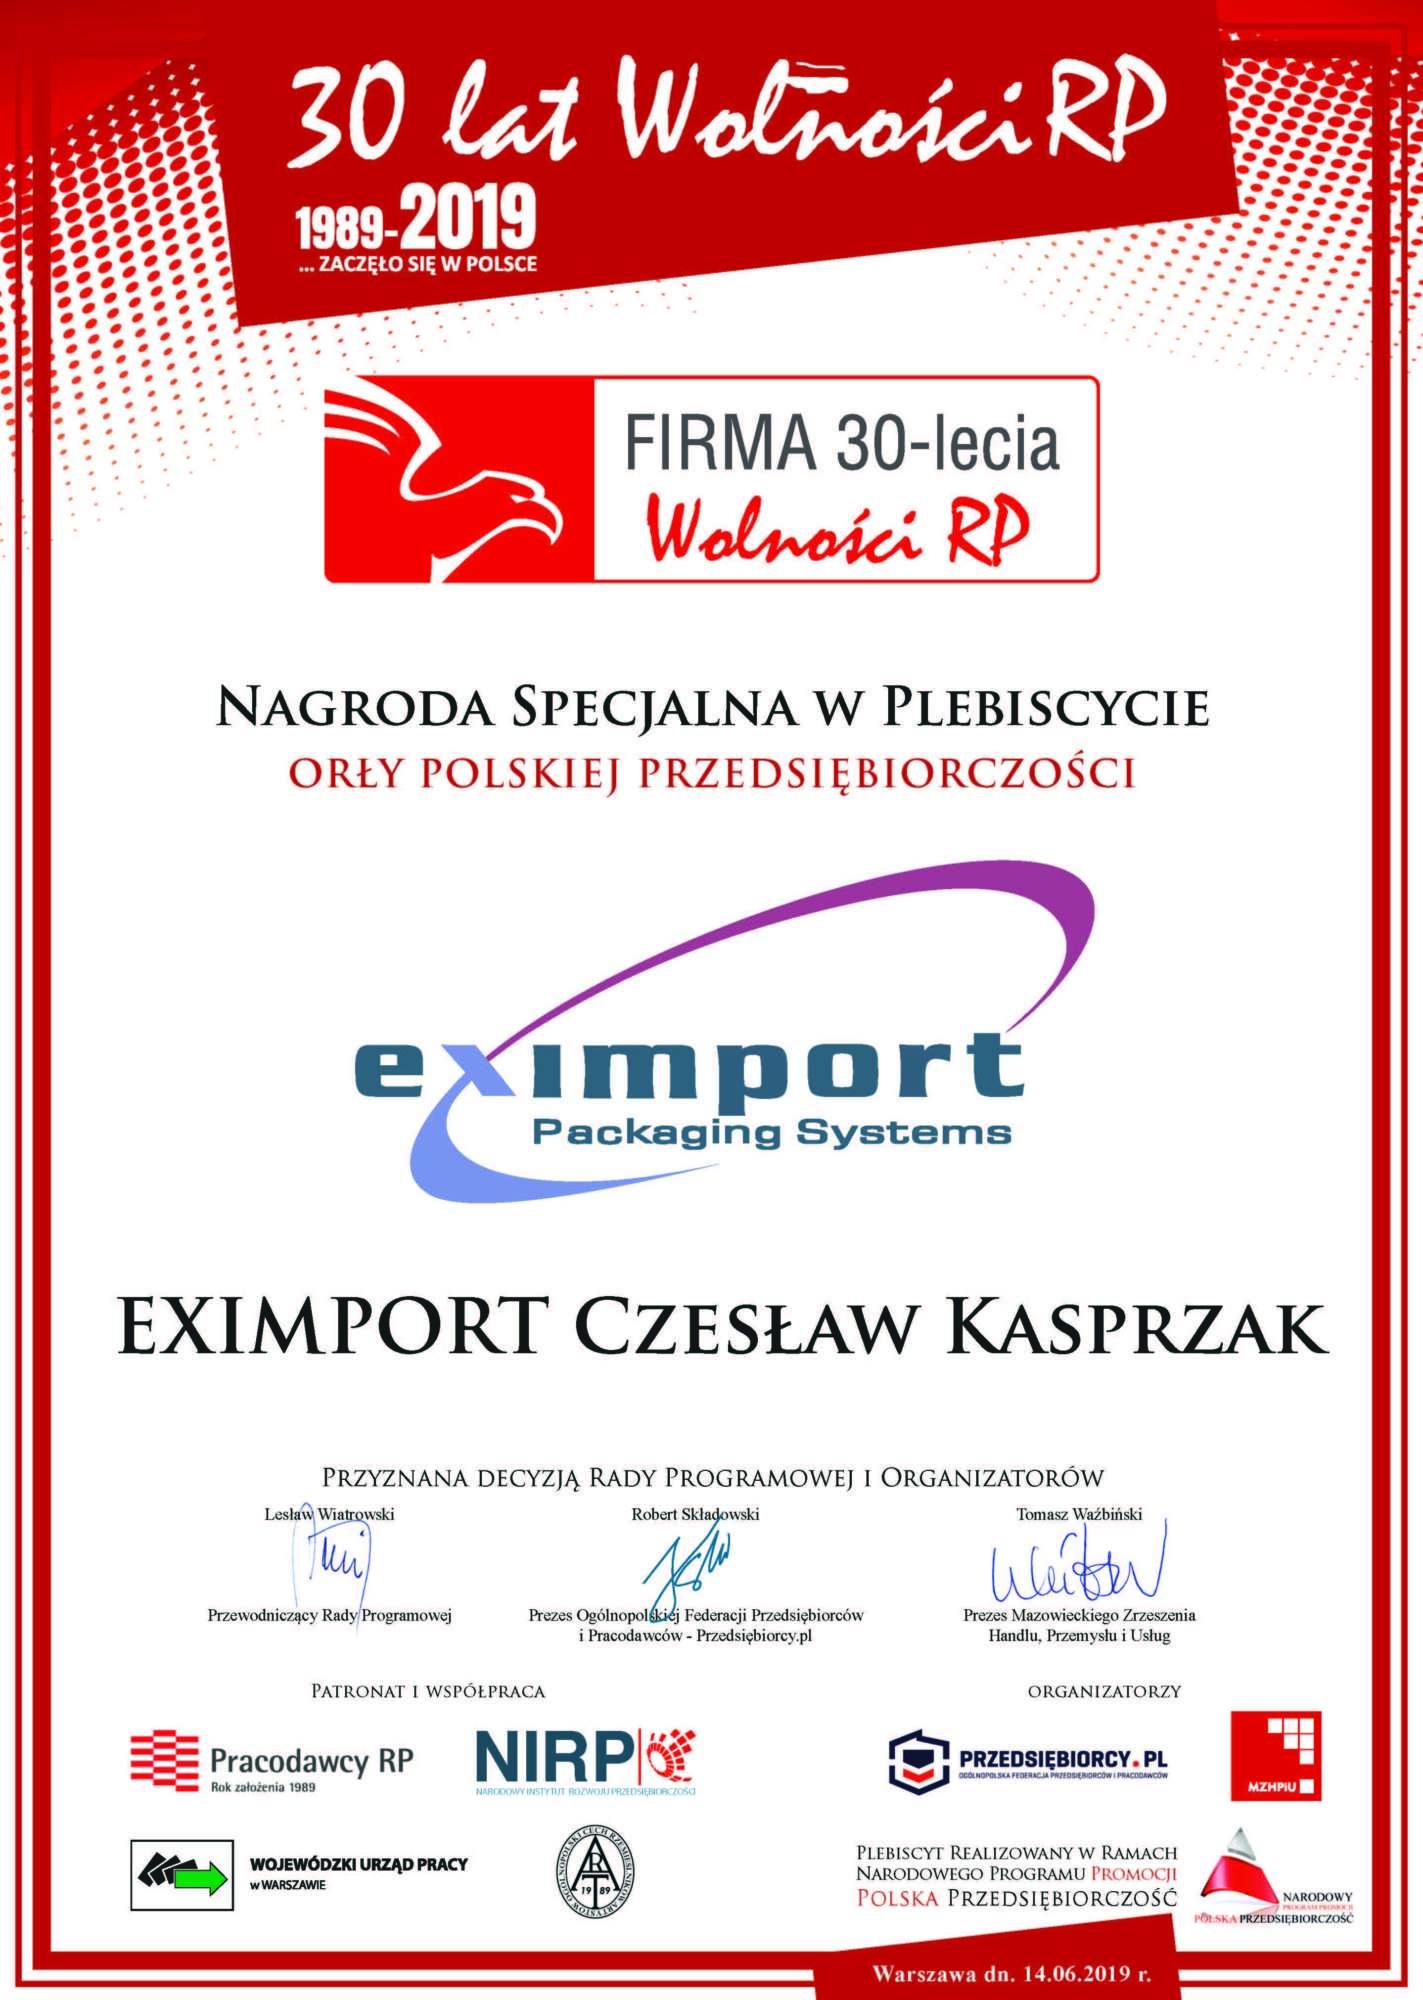 Firma 30-lecia – Nagroda Specjalna w Plebiscycie Orły Polskiej Przedsiębiorczości